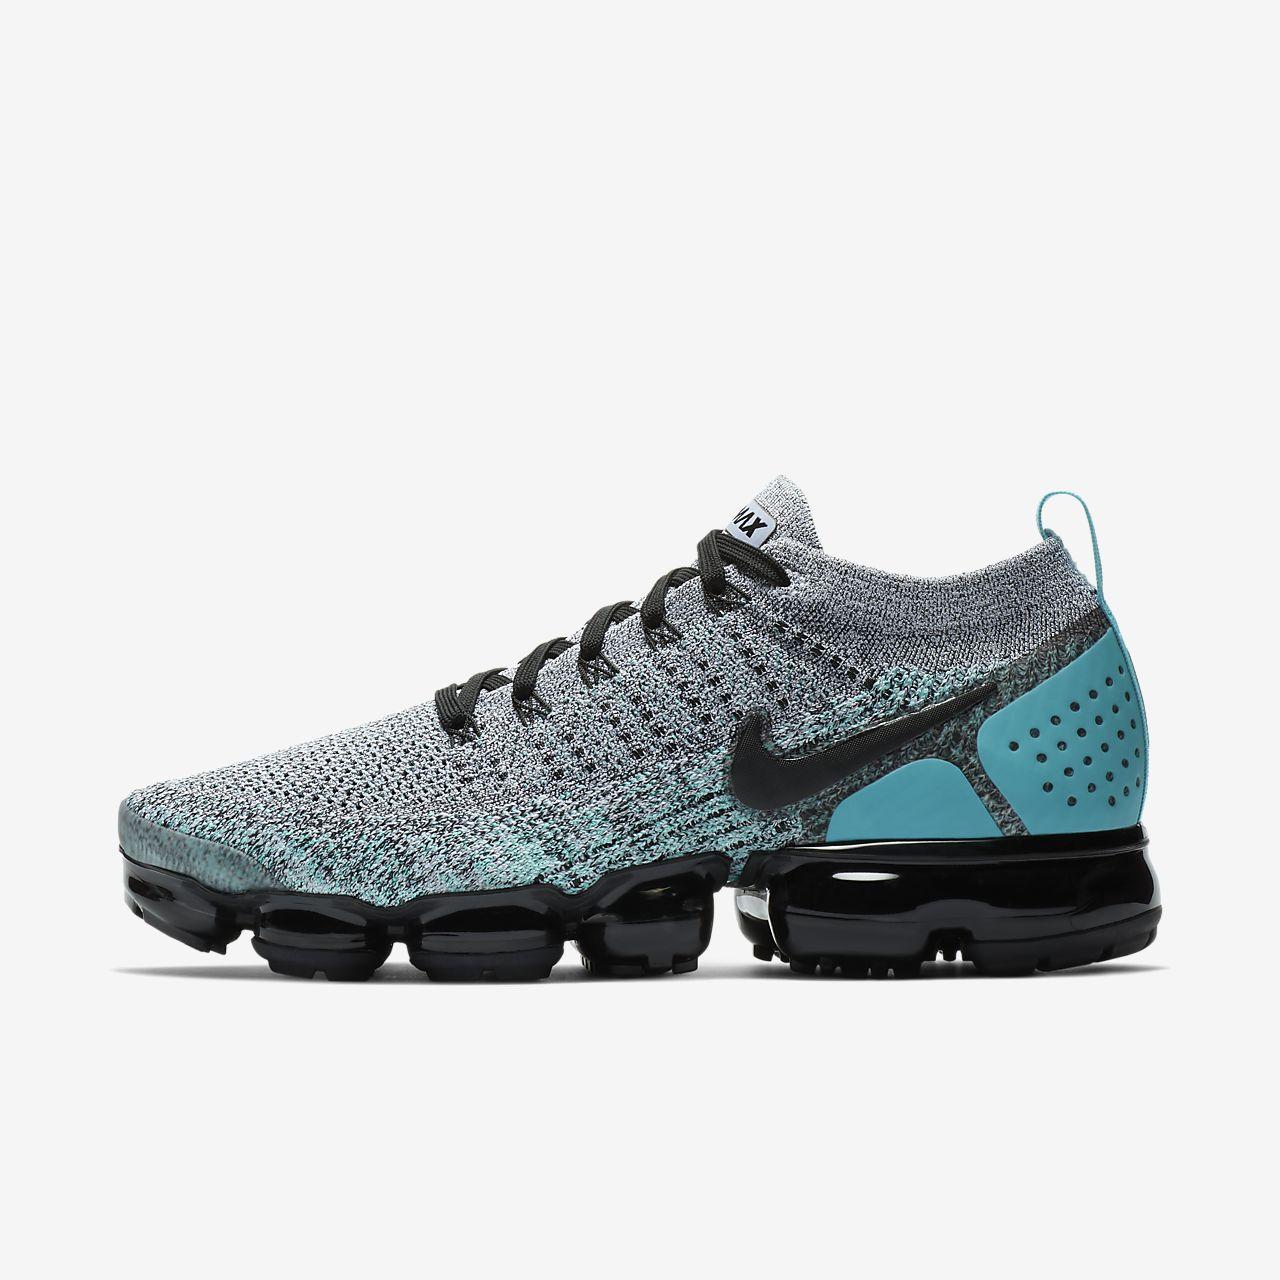 ... australia calzado de running para hombre nike air vapormax flyknit 2  a7f21 908d9 3efa049f6de02